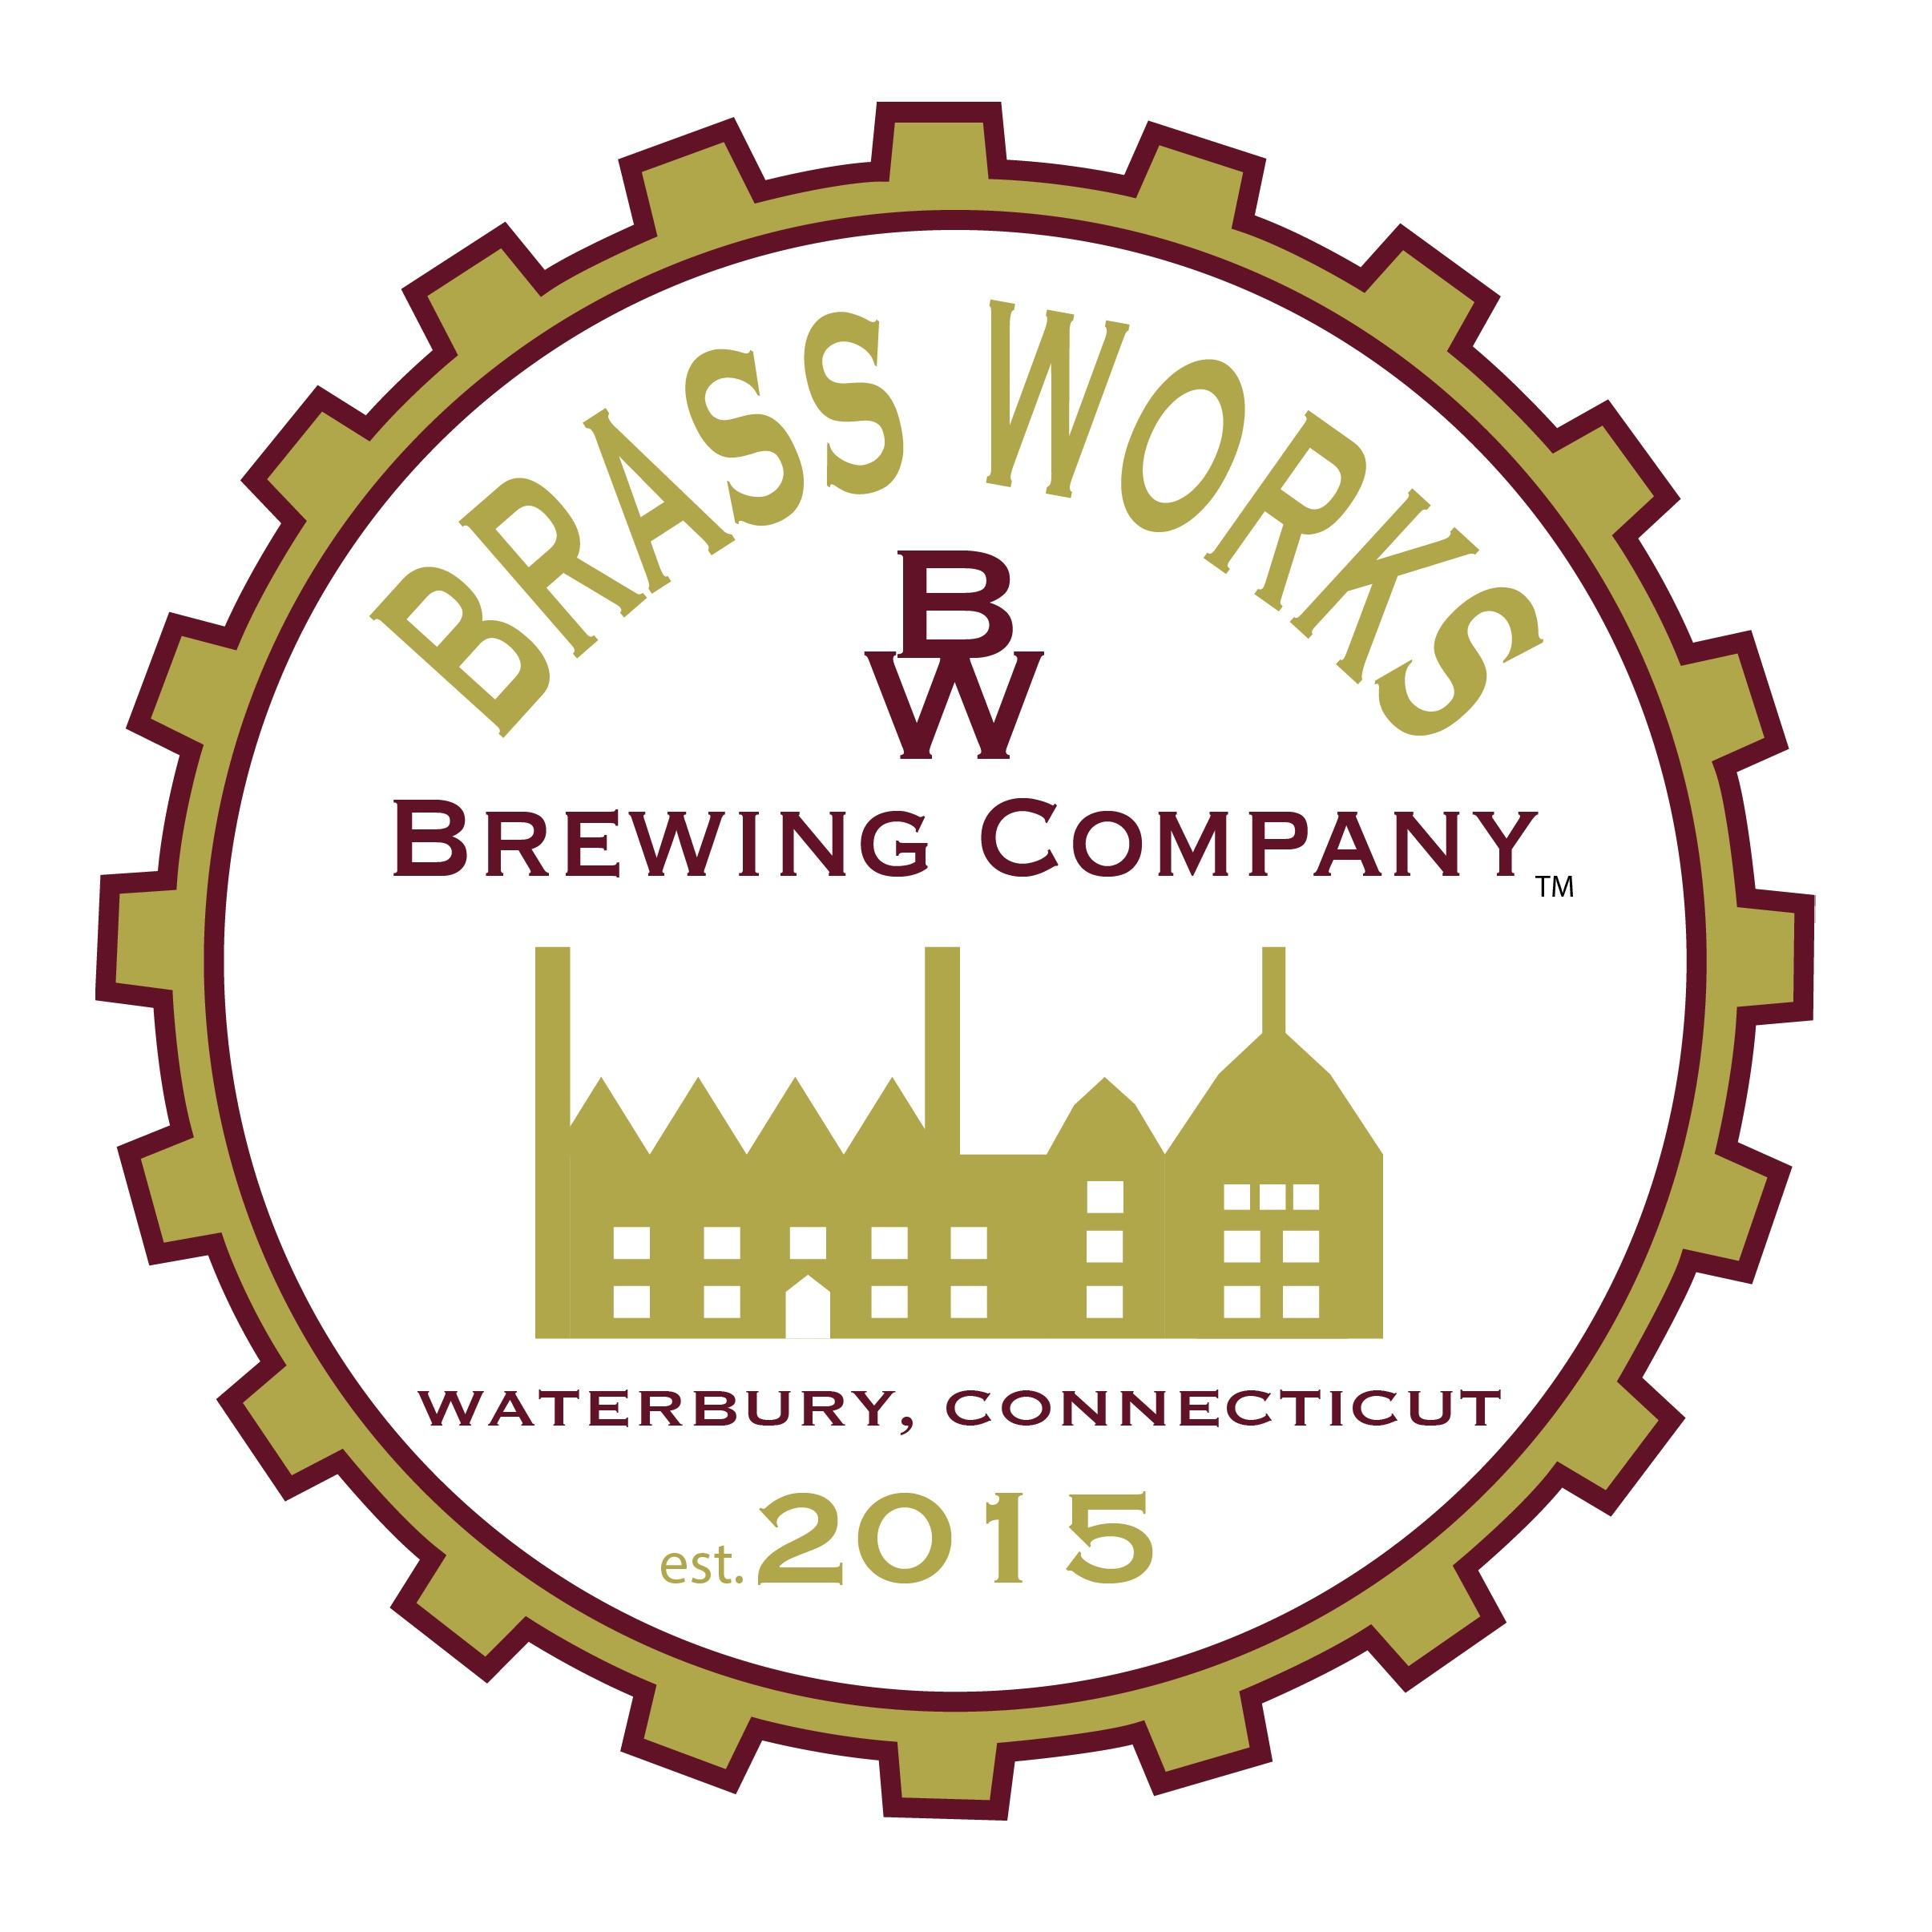 Brass Works Brewing